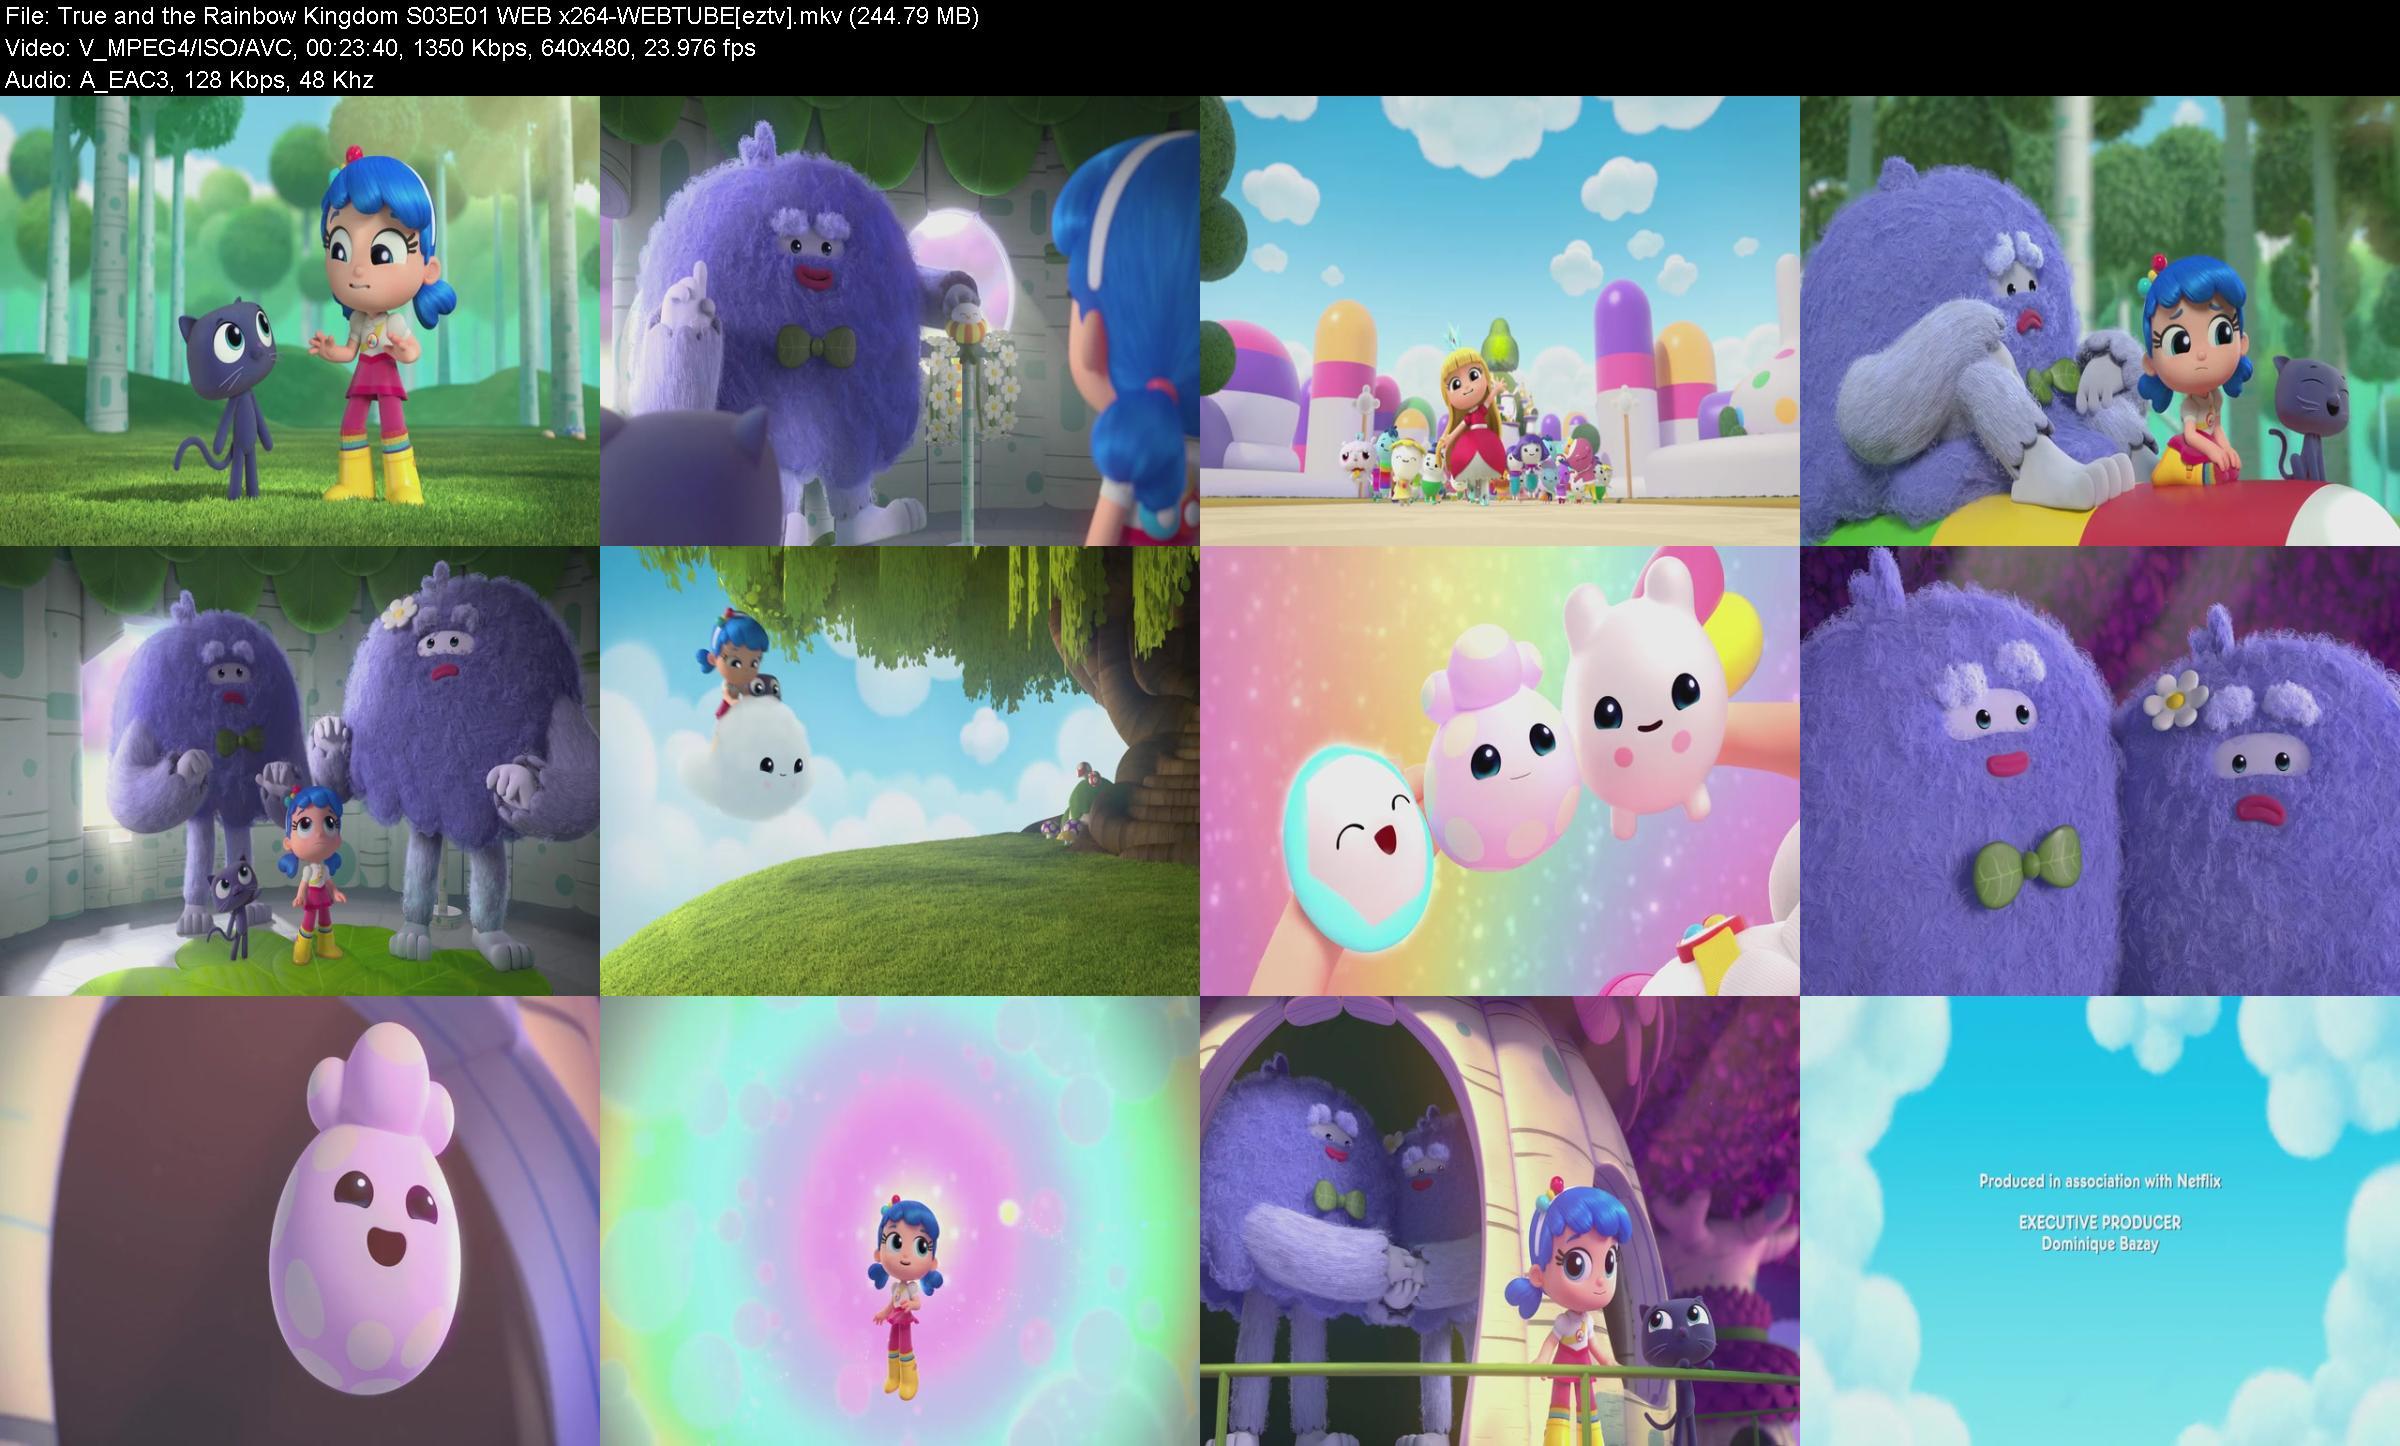 120190511_true-and-the-rainbow-kingdom-s03e01-web-x264-webtube.jpg